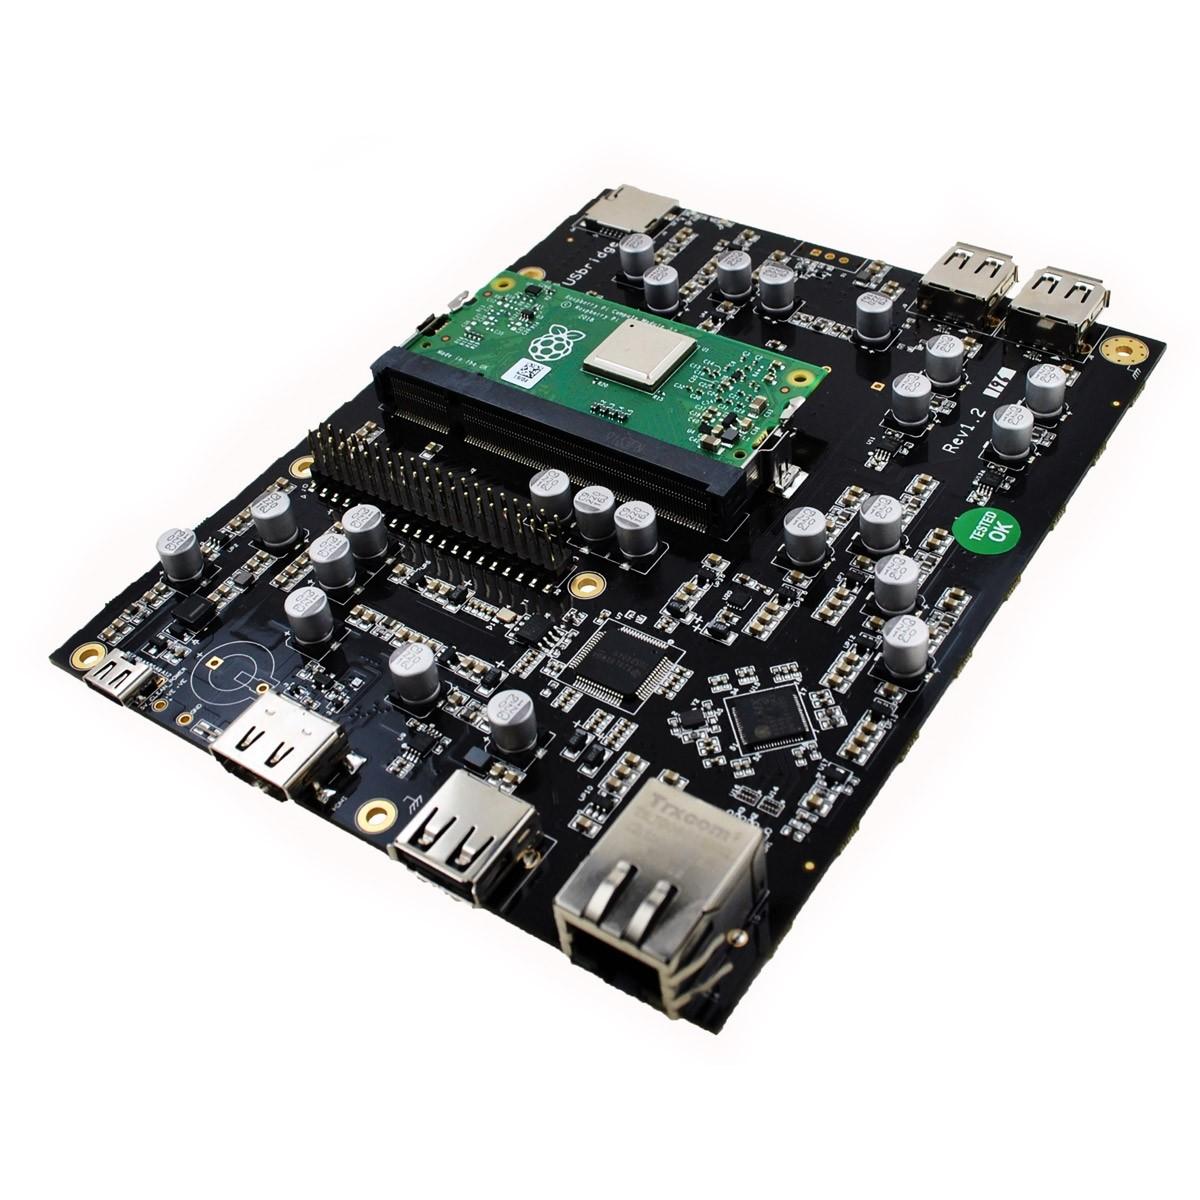 ALLO USBRIDGE SIGNATURE Lecteur Réseau Raspberry Pi Compute 3+ Interface USB Ultra Faible Bruit